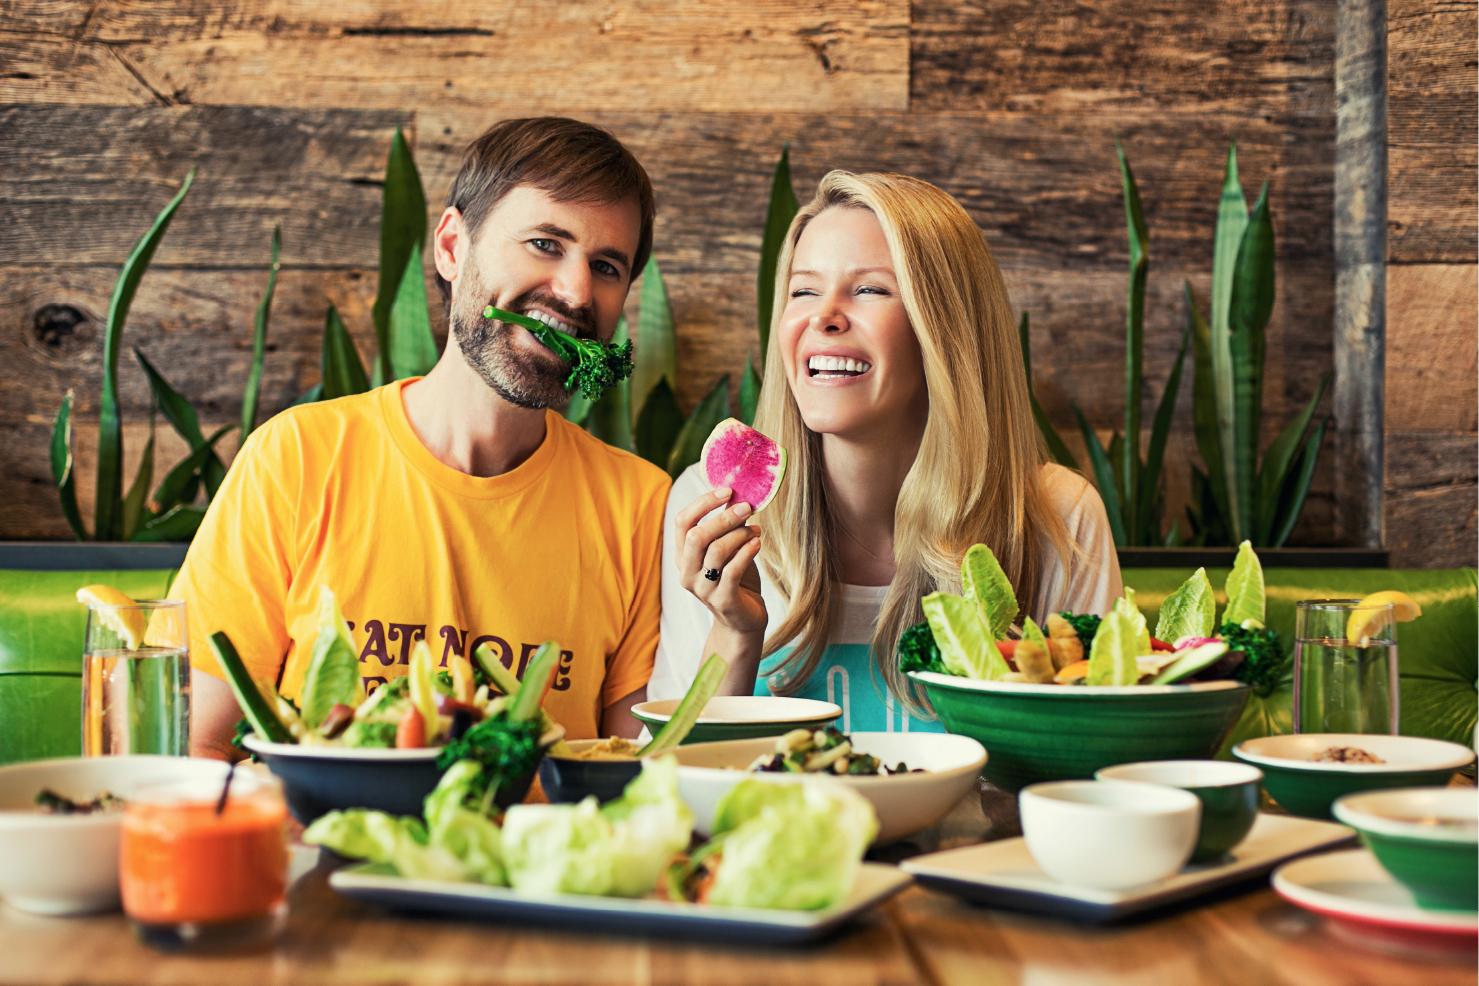 vegans header 2.jpg